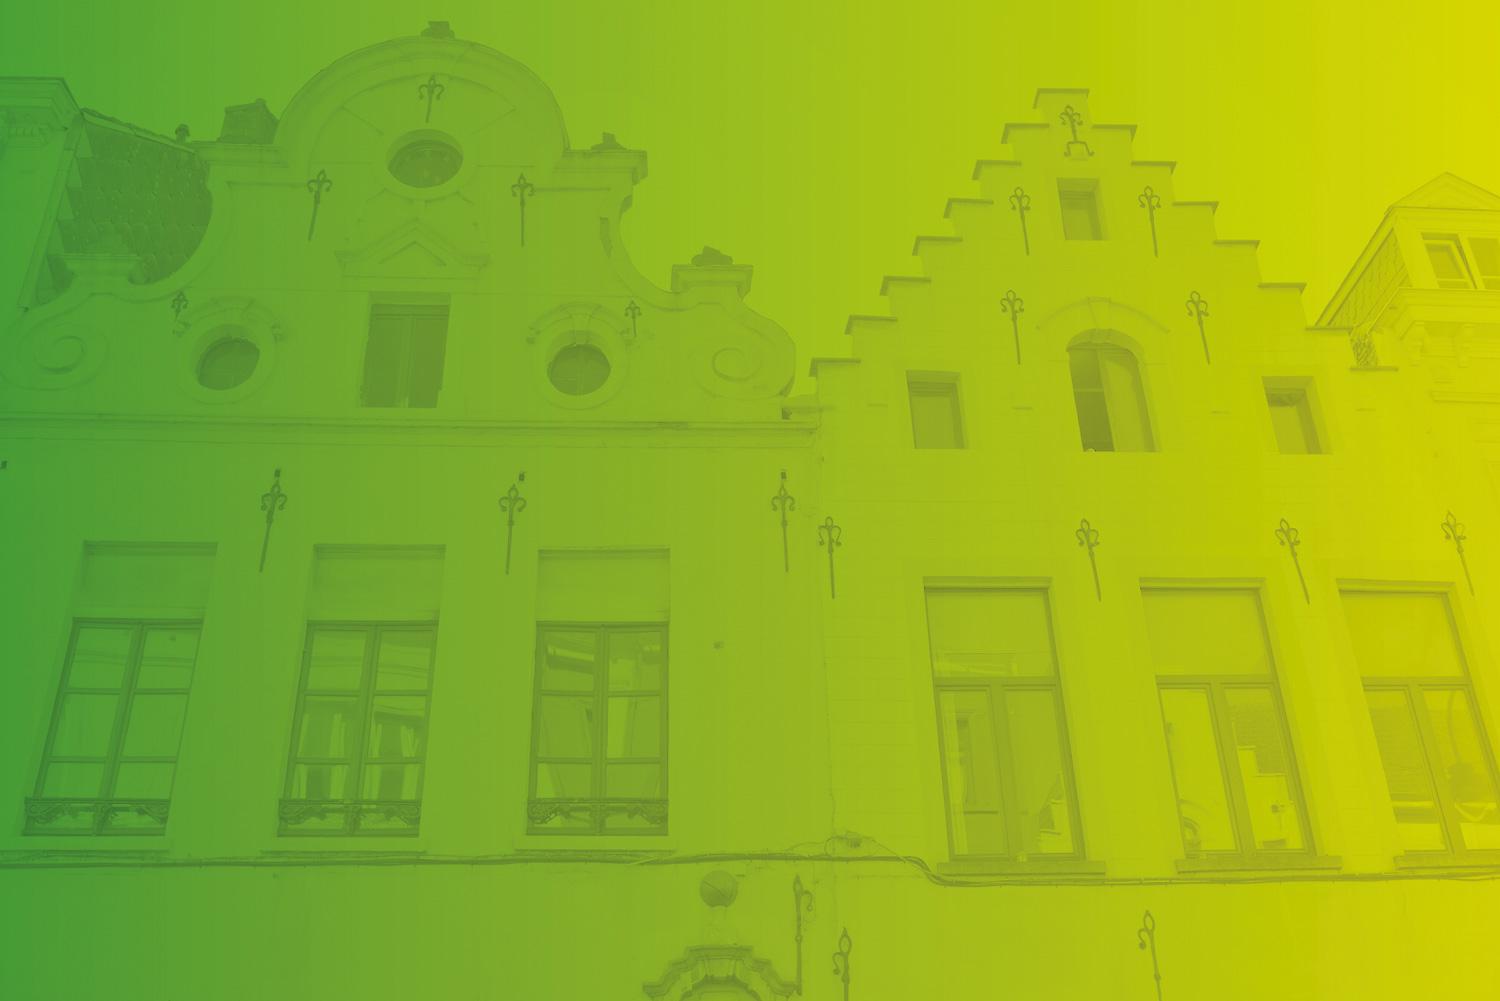 Contrat de quartier durable Marolles  Assemblée générale  27.11.2017 > 19h